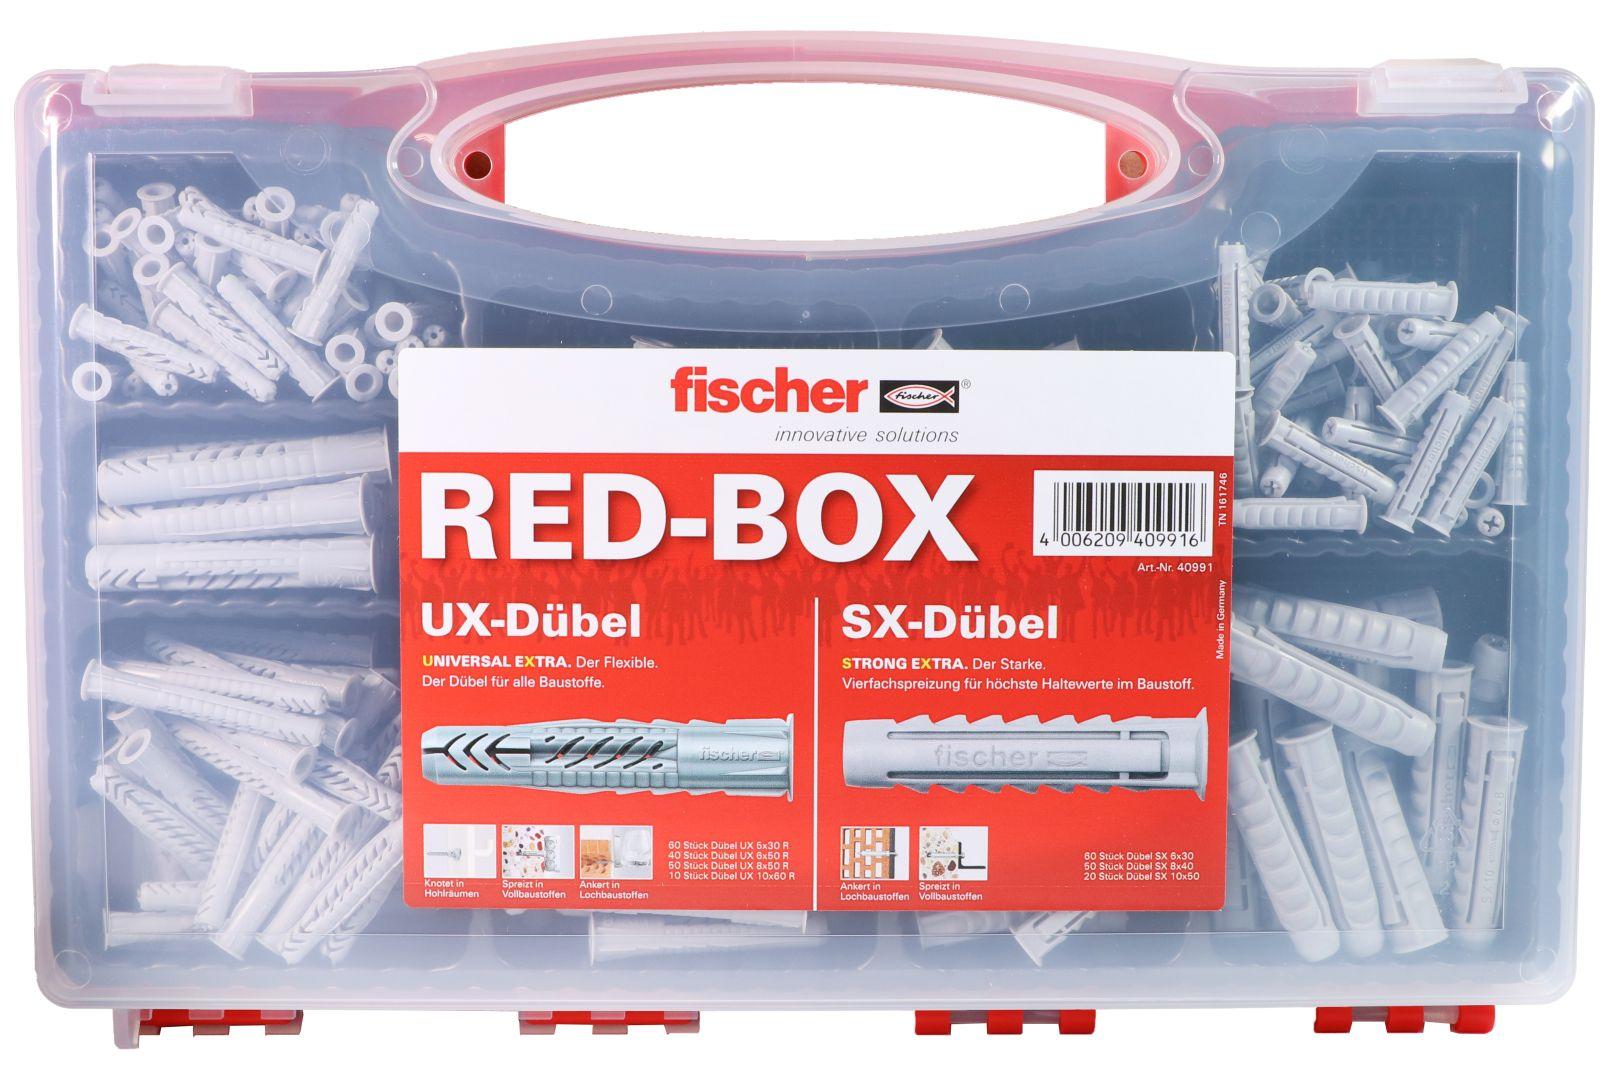 fischer RED-BOX Universaldübel-Set, UX/SX-Set, 290-teilig